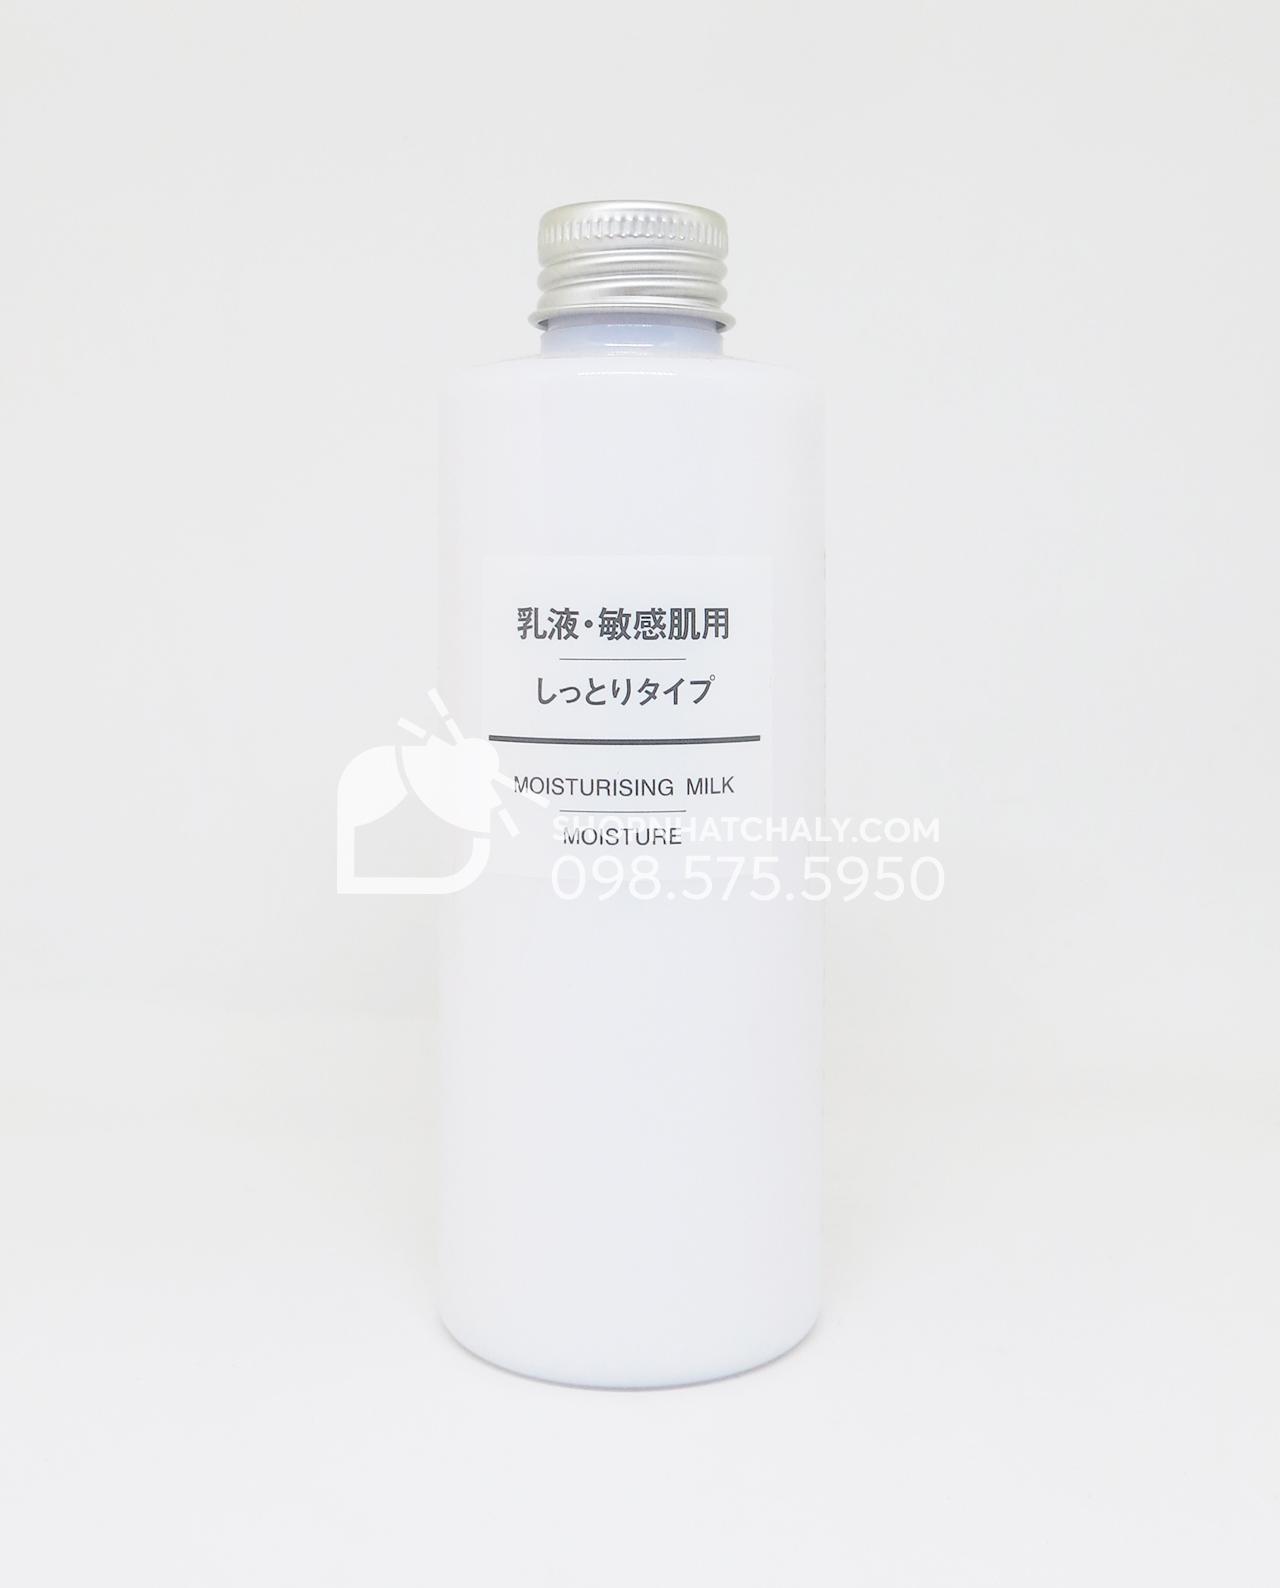 Sữa dưỡng da Muji Moisturising Moisture với độ dưỡng ẩm tốt – dành cho da khô, hỗn hợp thiên khô, da thiếu ẩm.